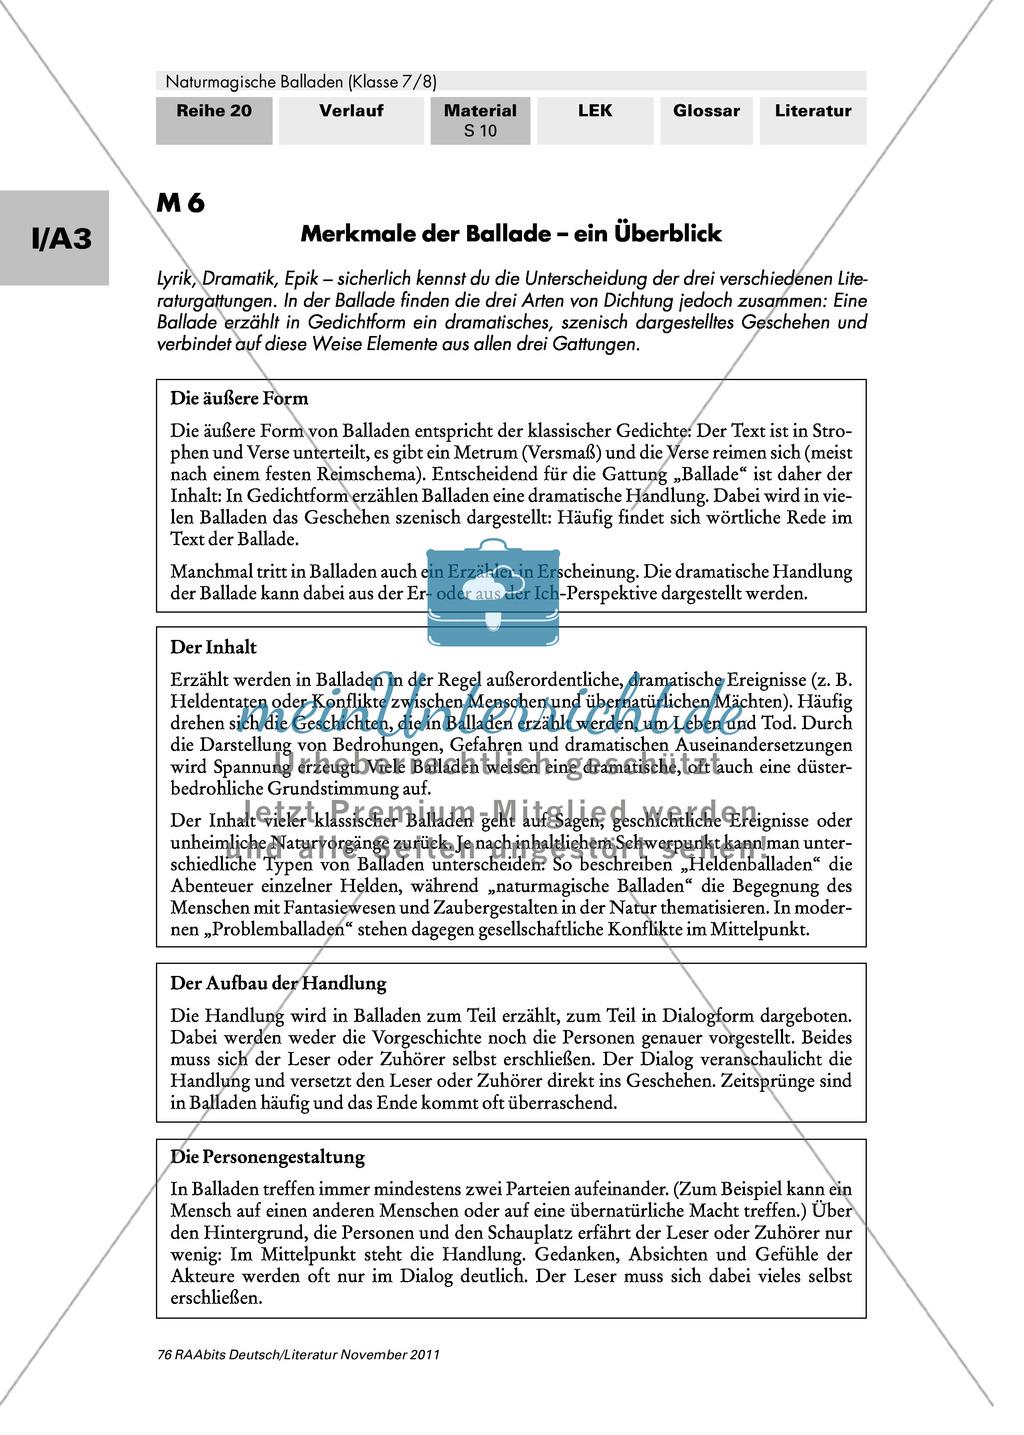 Merkmale von Balladen erarbeiten. Mit Infotext und Tabelle zum ausfüllen. Preview 0